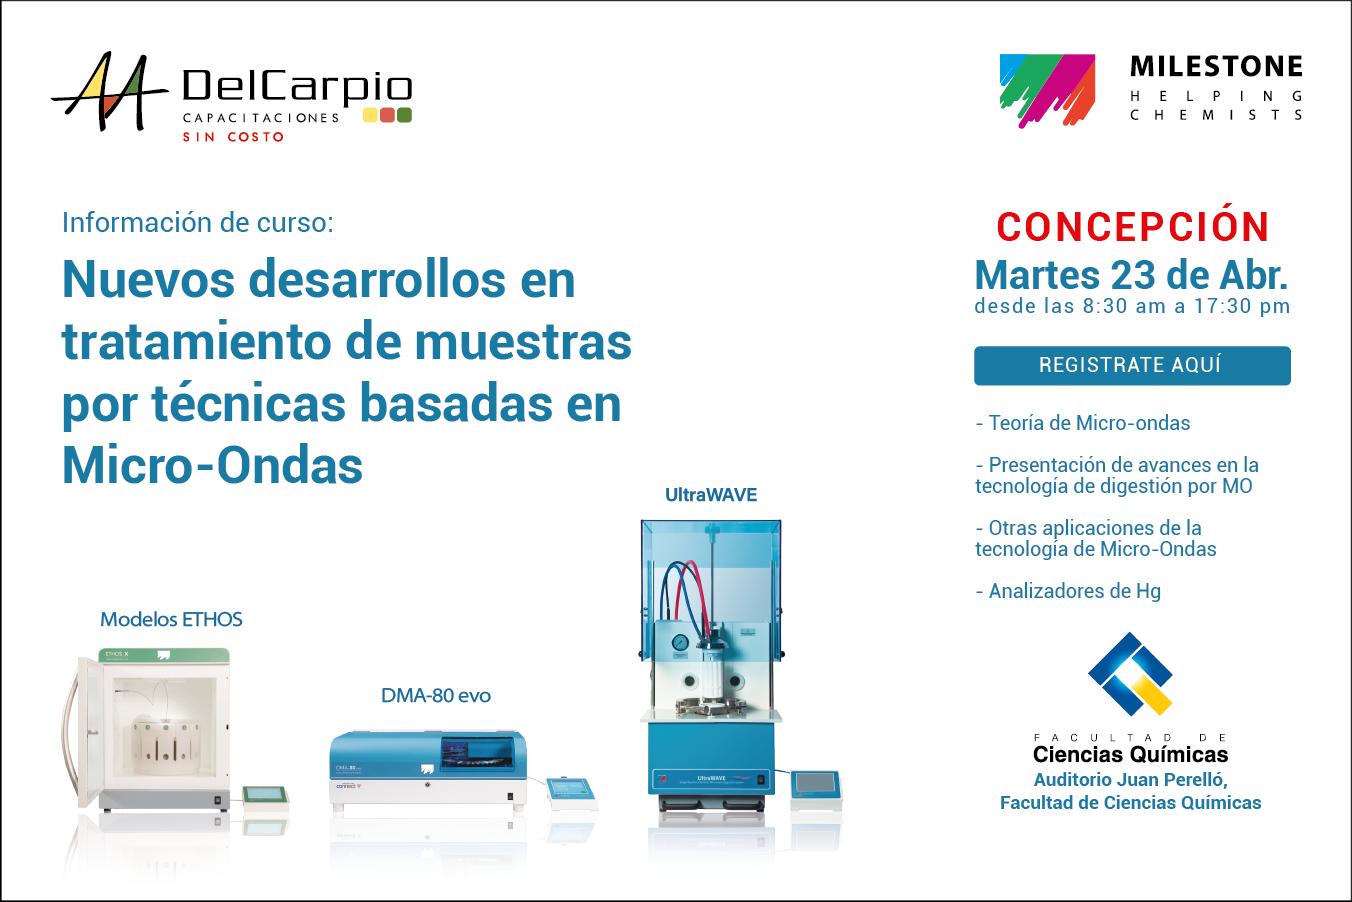 Concepción – 23 Abril 2019 – Nuevos desarrollos en tratamiento de muestras por técnicas basadas en Micro-Ondas